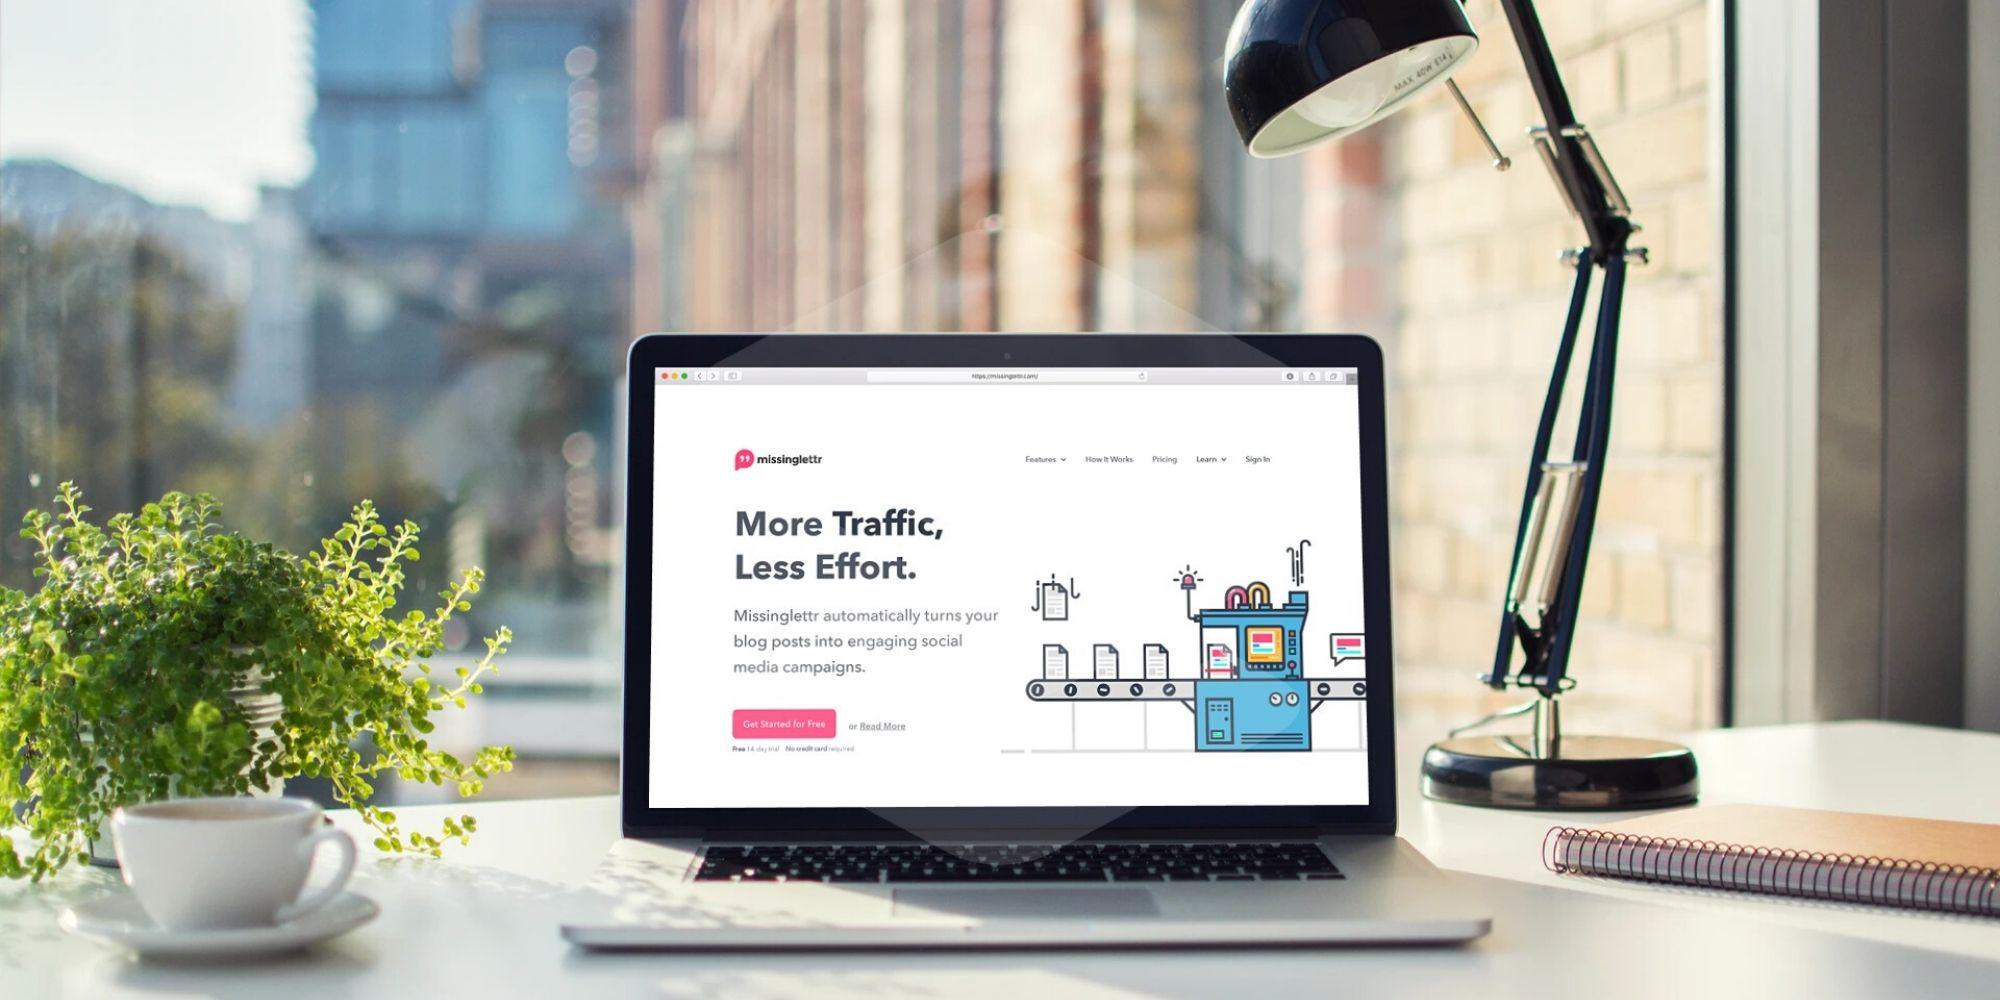 تحويل منشورات المدونة إلى حملات وسائل التواصل الاجتماعي باستخدام Missinglettr